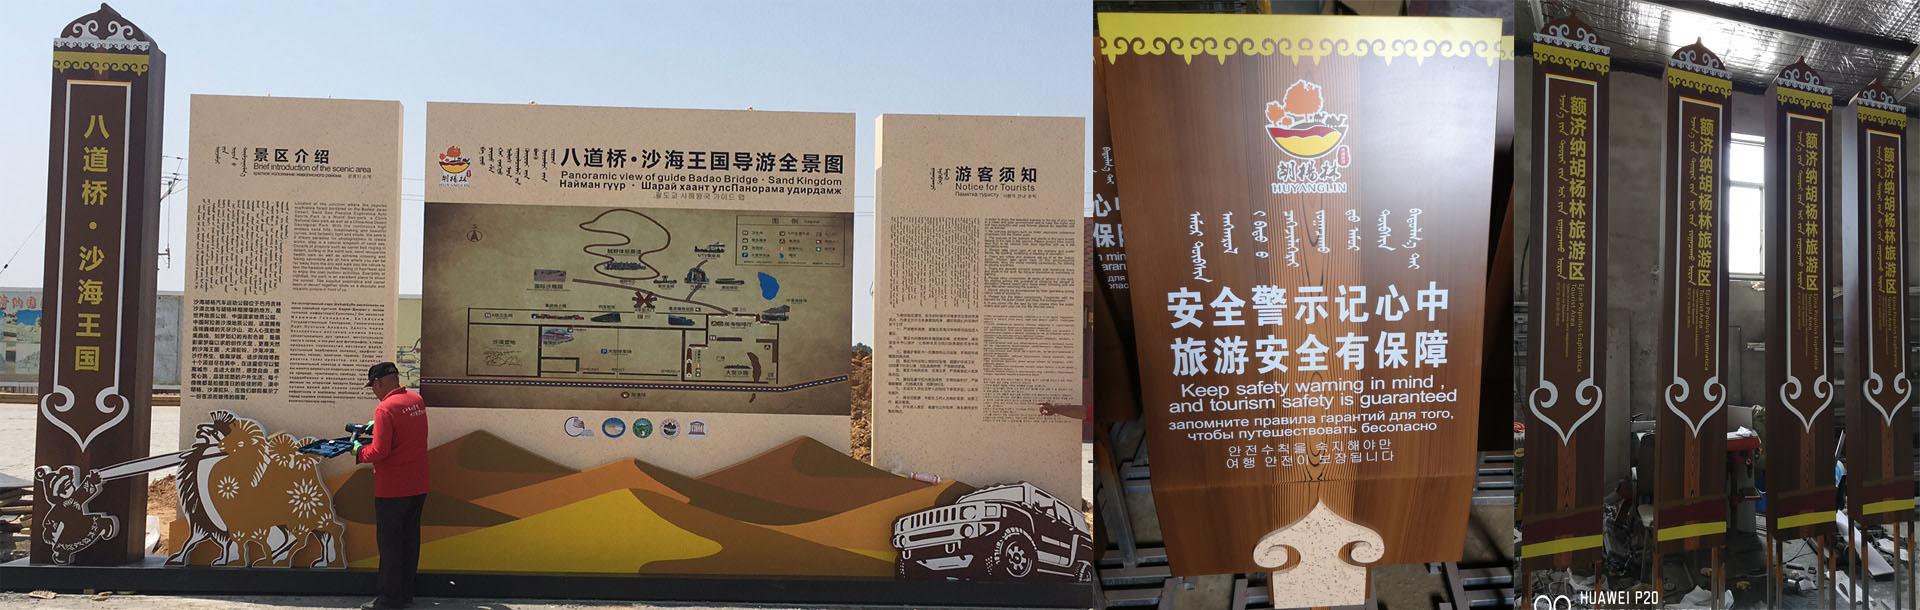 内蒙额济纳胡杨林景区导览牌